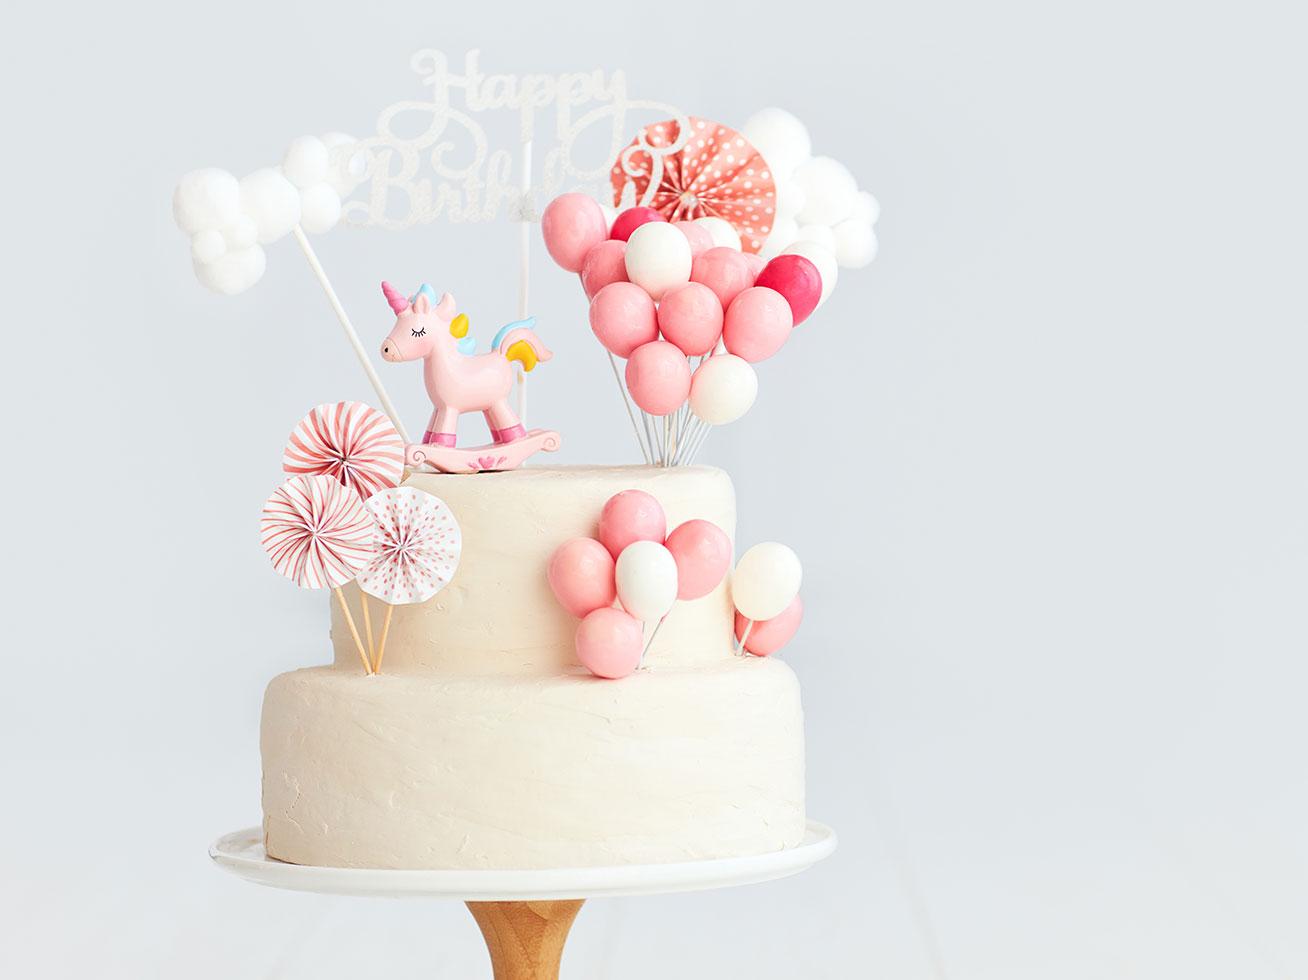 Pasticceria Reina Cake Design Compleanno